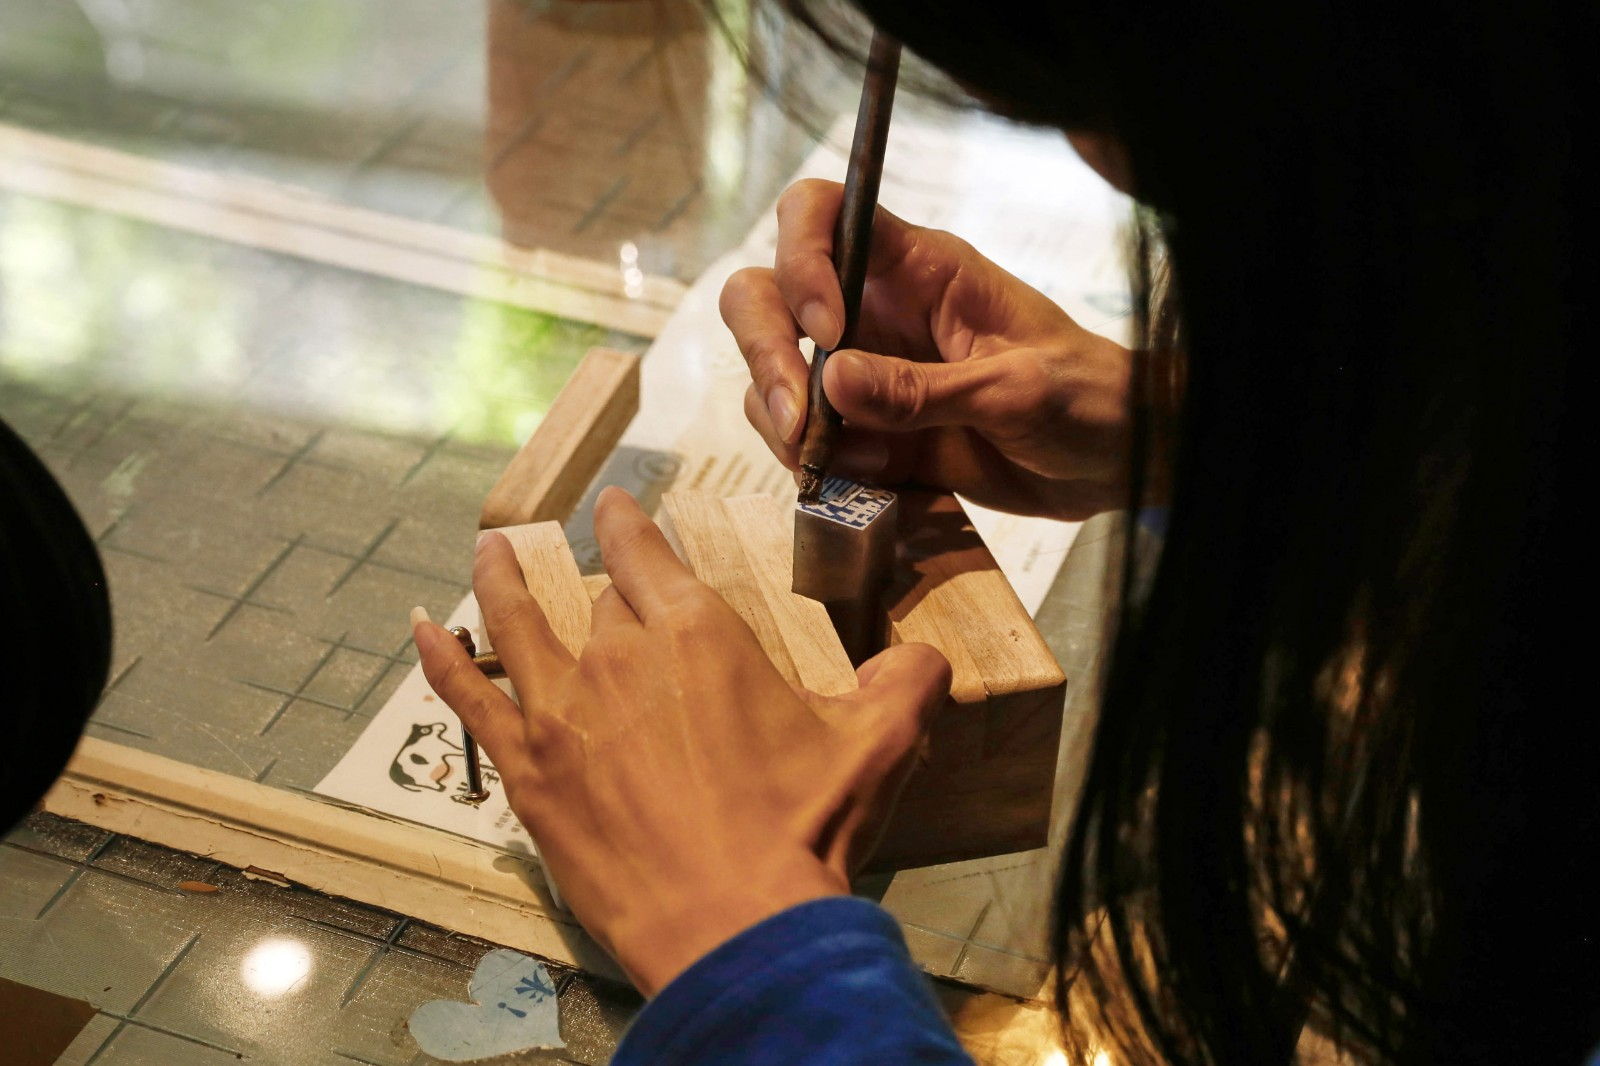 一日職人DIY體驗 - 三峽篆刻工藝手作 | 甘樂文創 | 甘之如飴,樂在其中